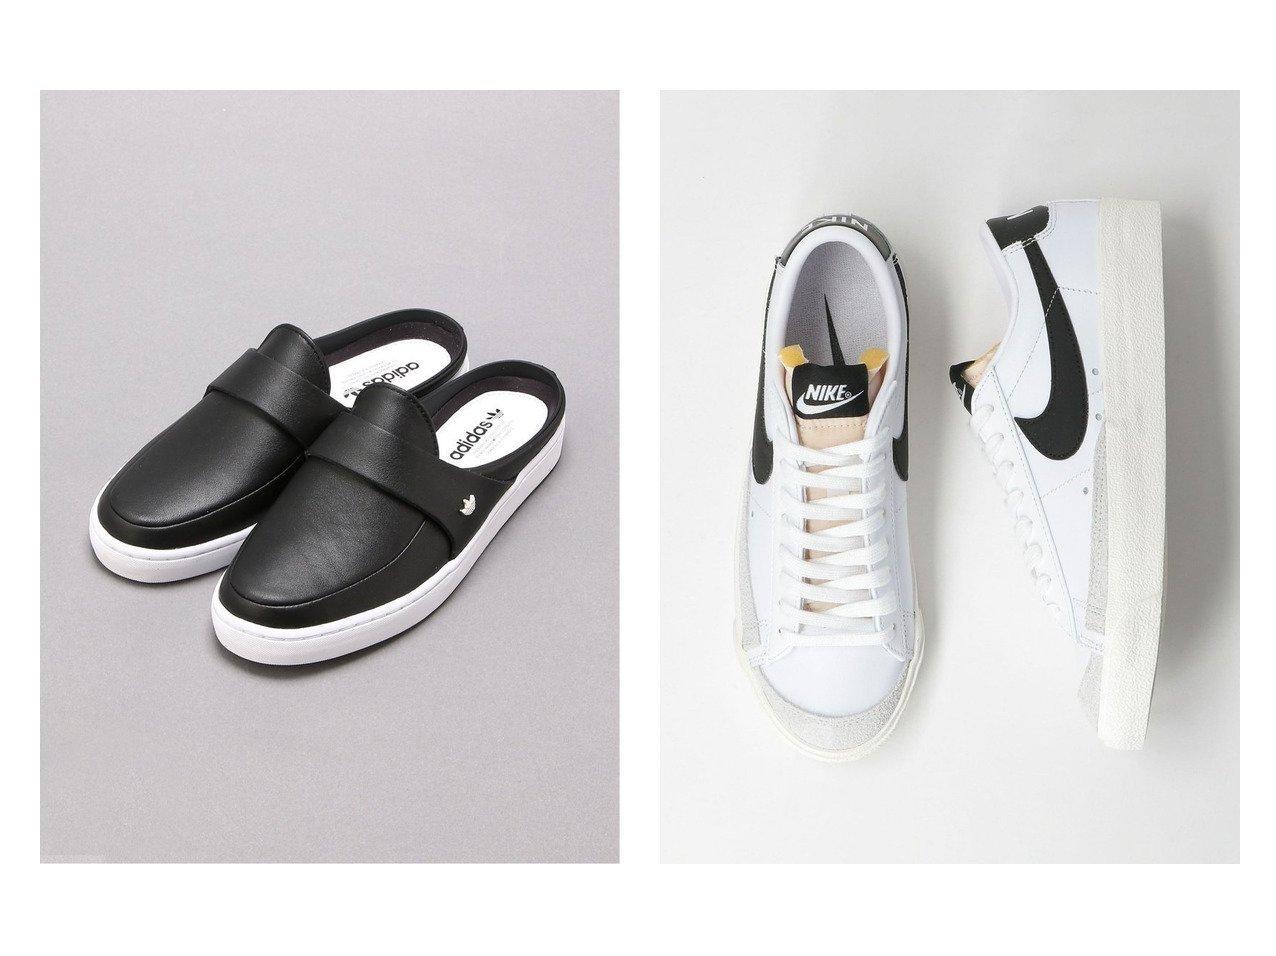 【adidas Originals/アディダス オリジナルス】のアディダスオリジナルス&【green label relaxing / UNITED ARROWS/グリーンレーベル リラクシング / ユナイテッドアローズ】のナイキ NIKE BLAZER LOW 77 ブレーザー スニーカー 【シューズ・靴】おすすめ!人気トレンド・レディースファッション通販 おすすめで人気の流行・トレンド、ファッションの通販商品 インテリア・家具・メンズファッション・キッズファッション・レディースファッション・服の通販 founy(ファニー) https://founy.com/ ファッション Fashion レディースファッション WOMEN サンダル シューズ シンプル スニーカー スポーツ スリッポン ベーシック ミックス ミュール クラシック  ID:crp329100000050708